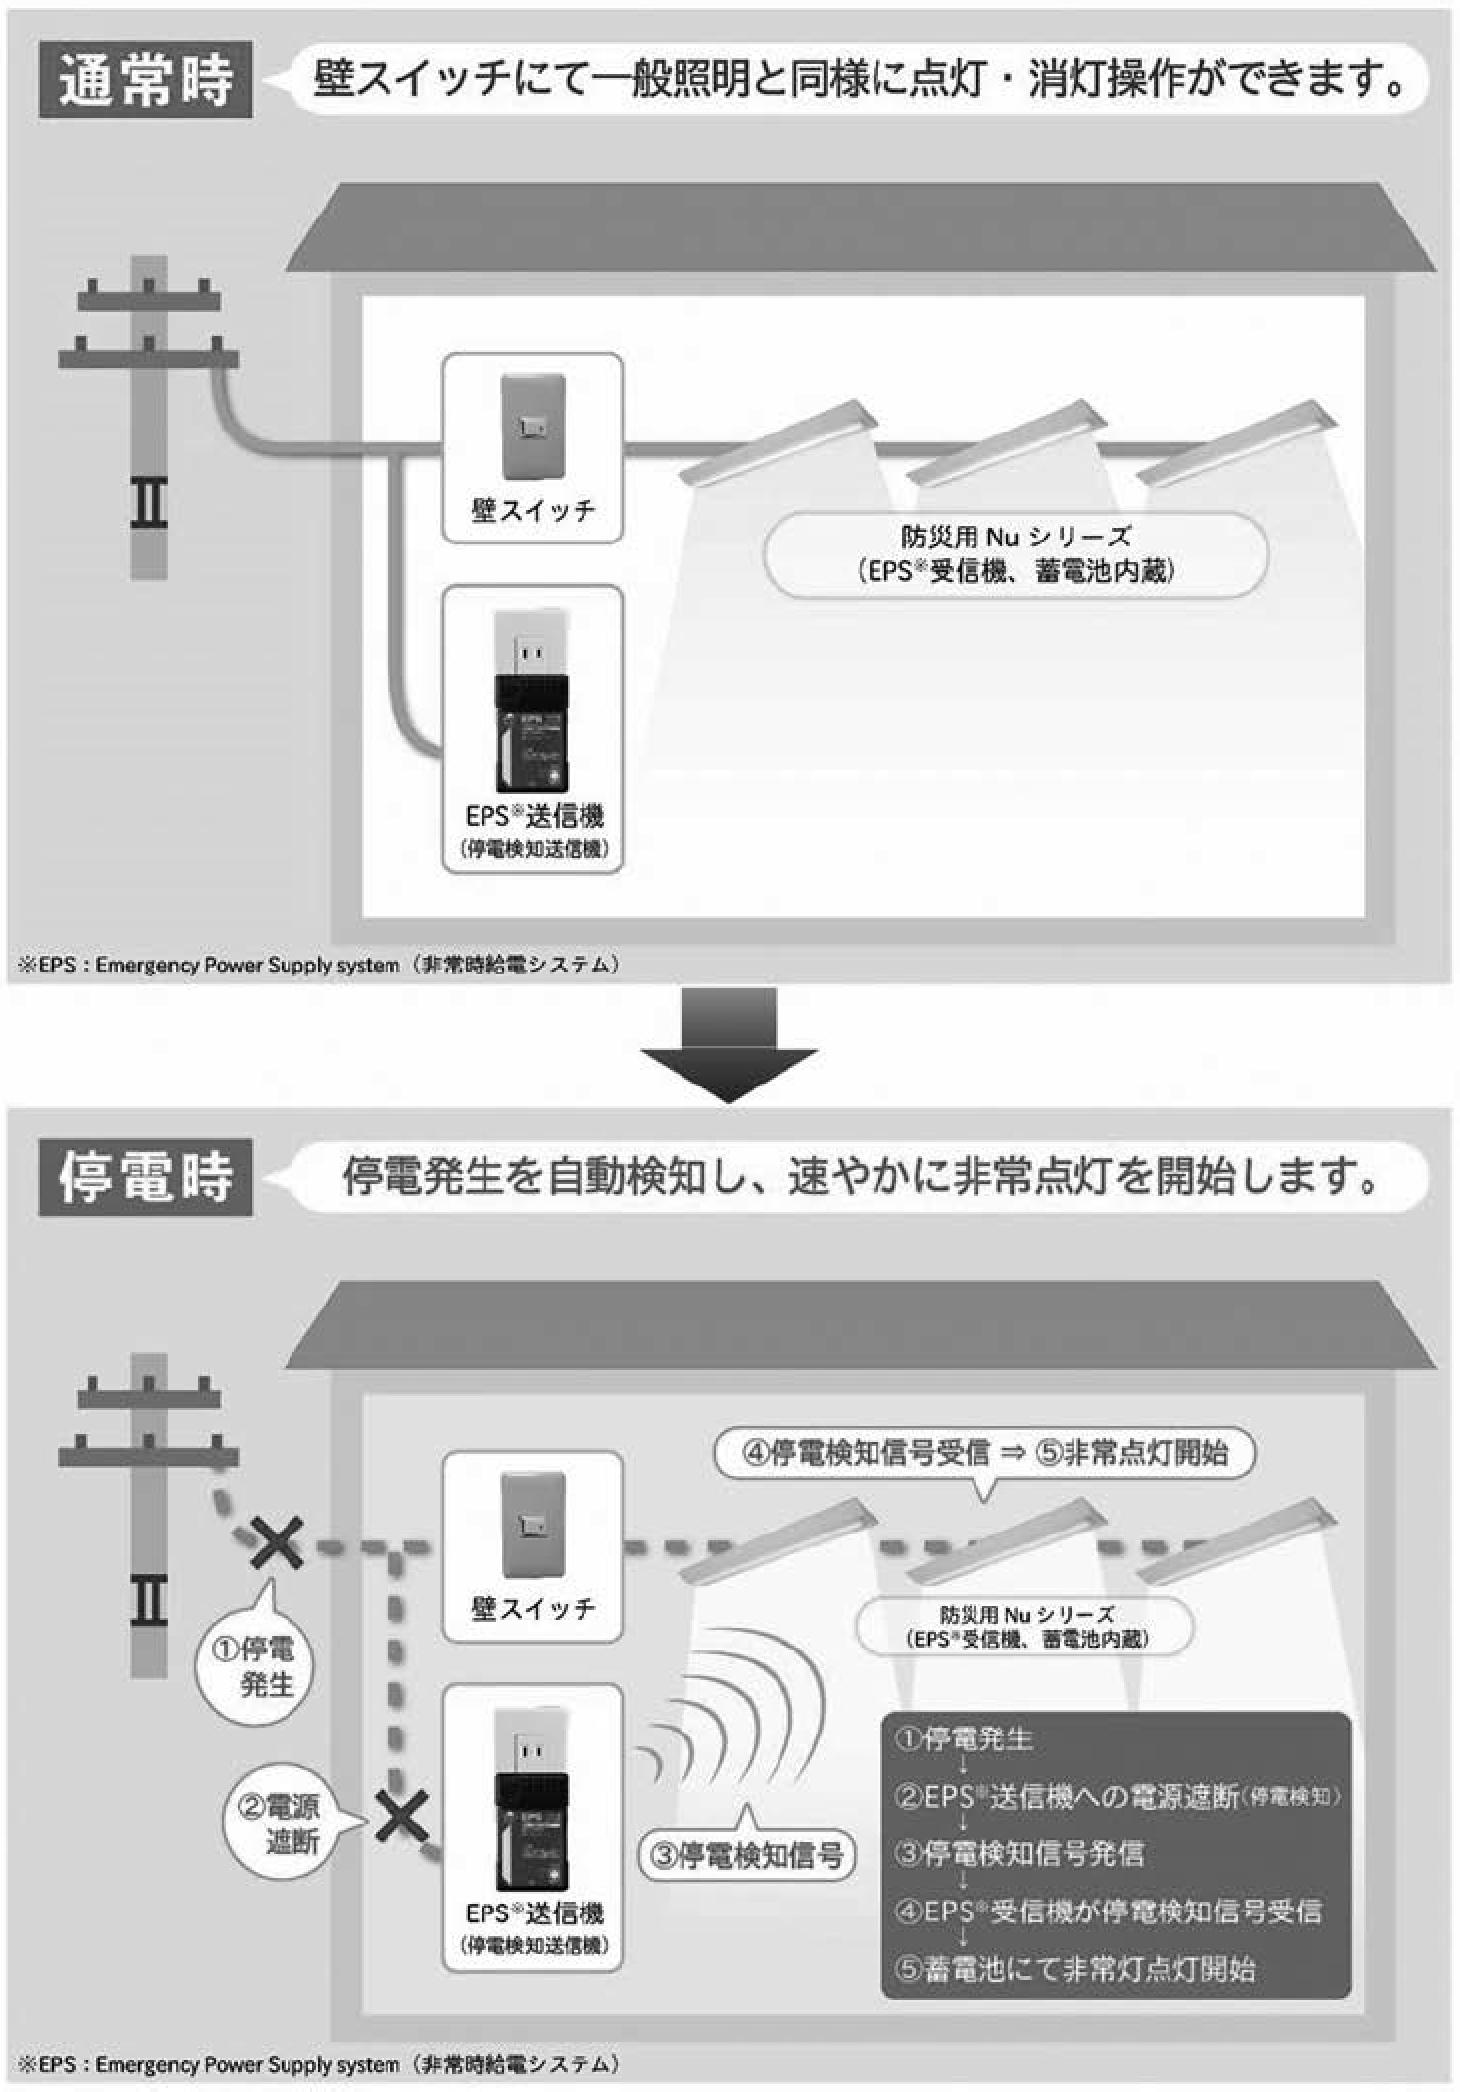 【ホタルクス】LED一体型ベース照明 「防災用Nuシリーズ」 11月から発売の画像